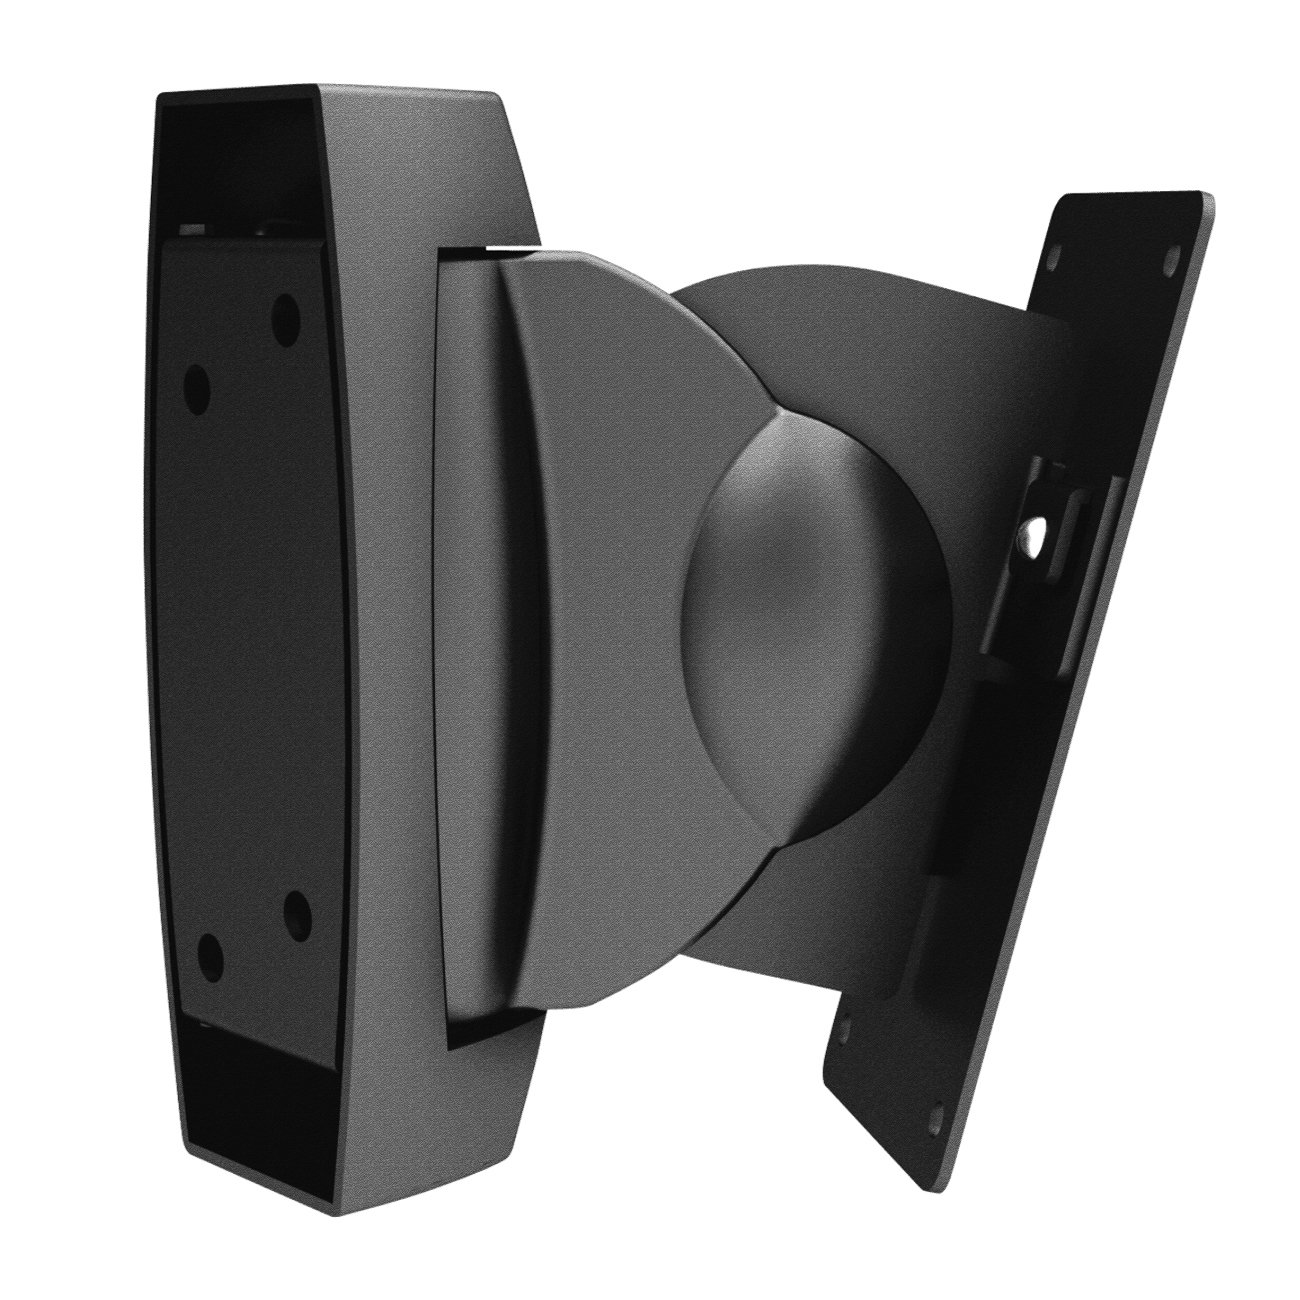 deleyCON 2 Universal Speakers Wall Mount 10Kg Swivel Rotatable Tiltable Full Motion Mount Bracket Wall Mount Multiroom Speaker